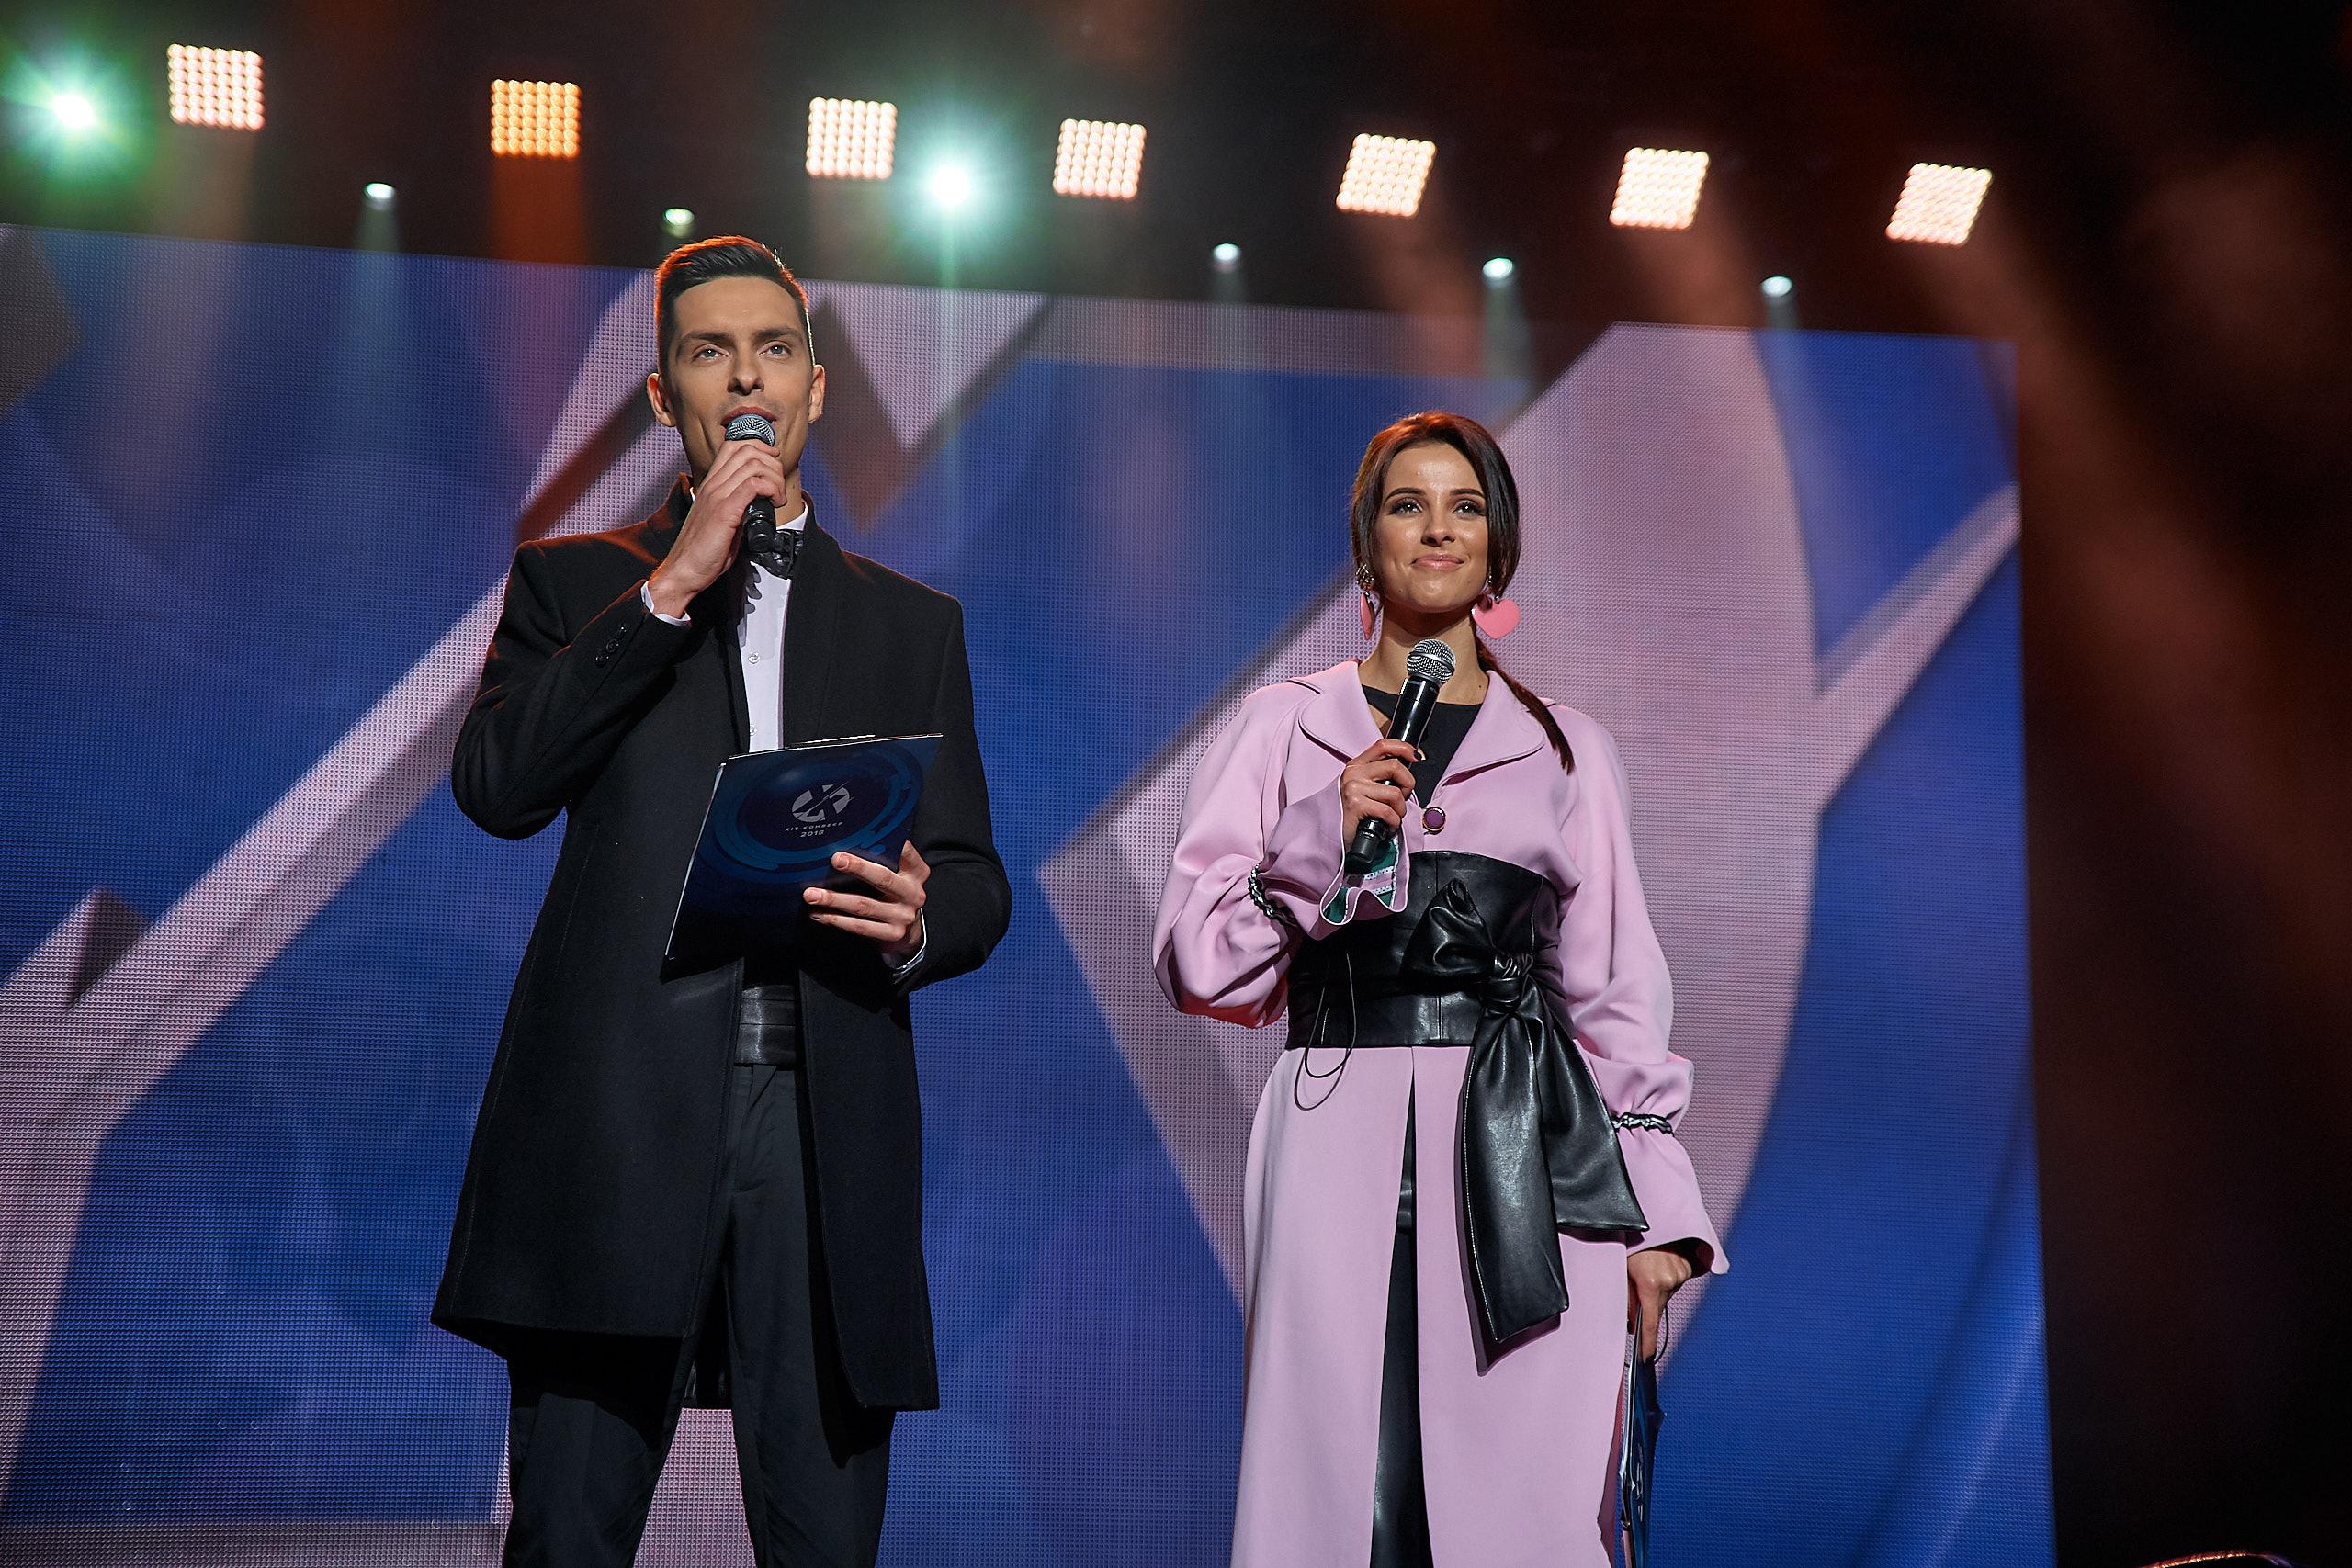 Андрій Чорновол і Галина Завійська